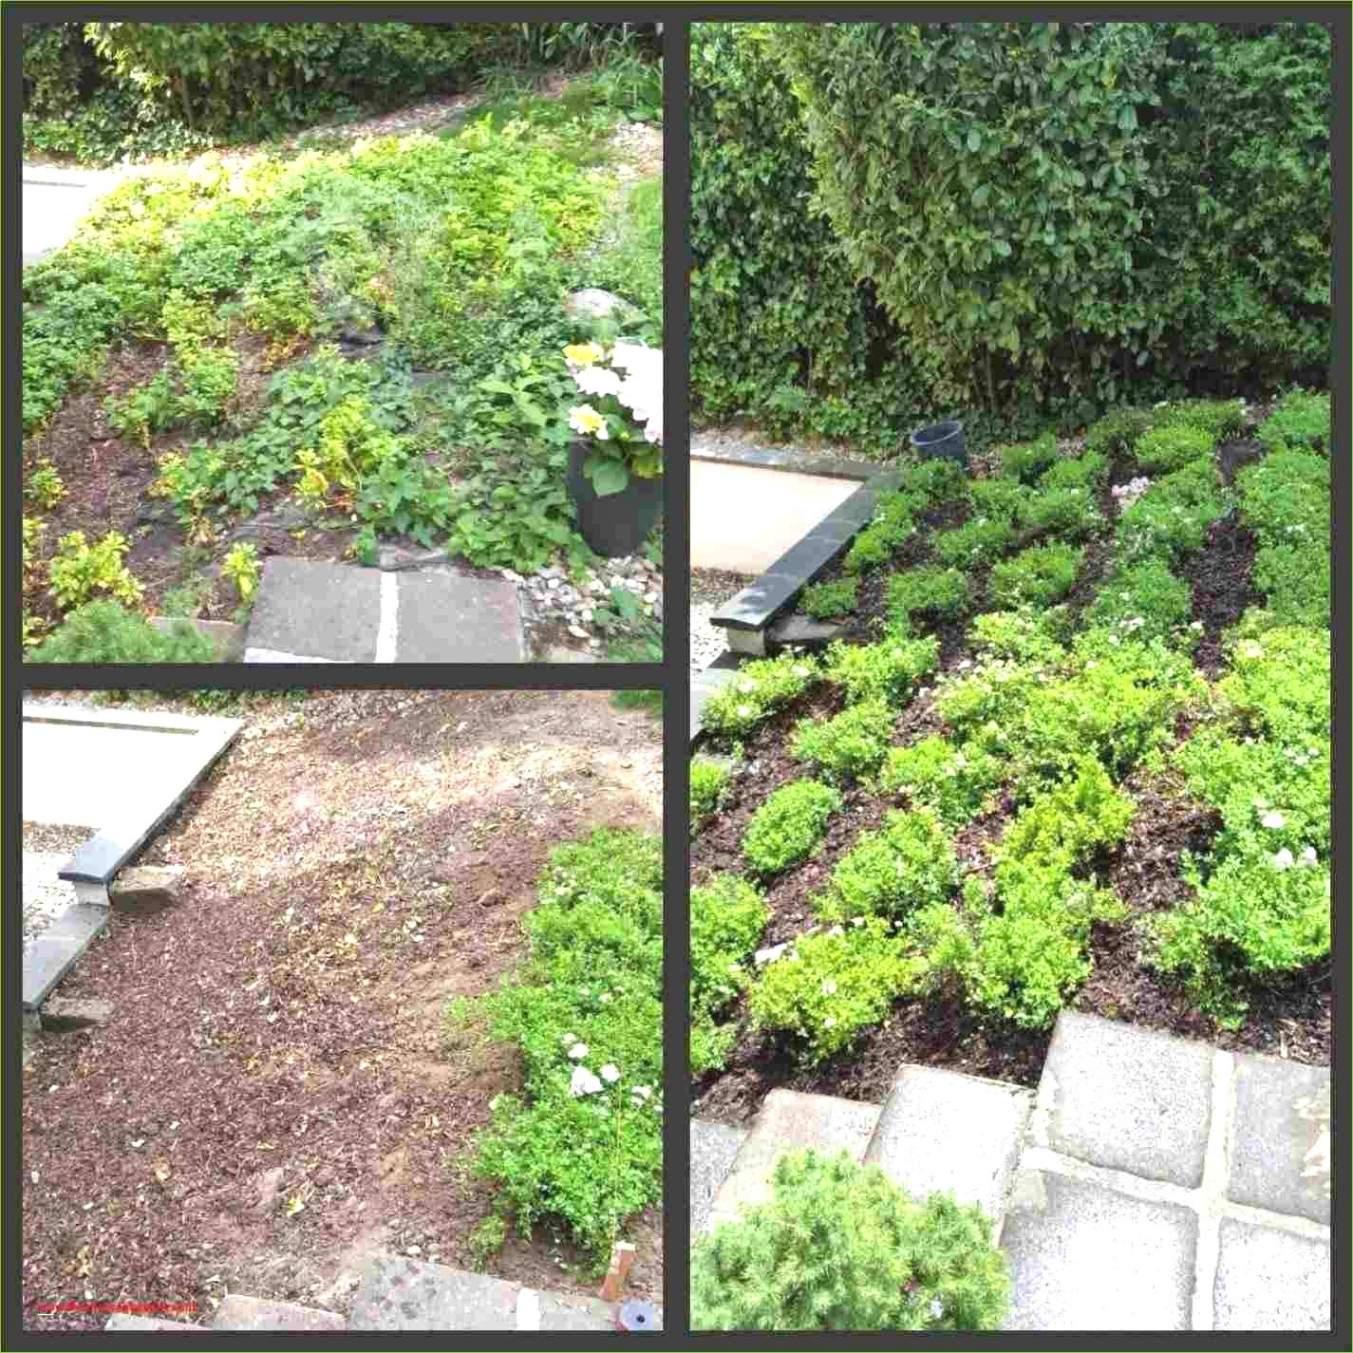 Dekoration Für Garten Das Beste Von Gartendeko Selbst Machen — Temobardz Home Blog